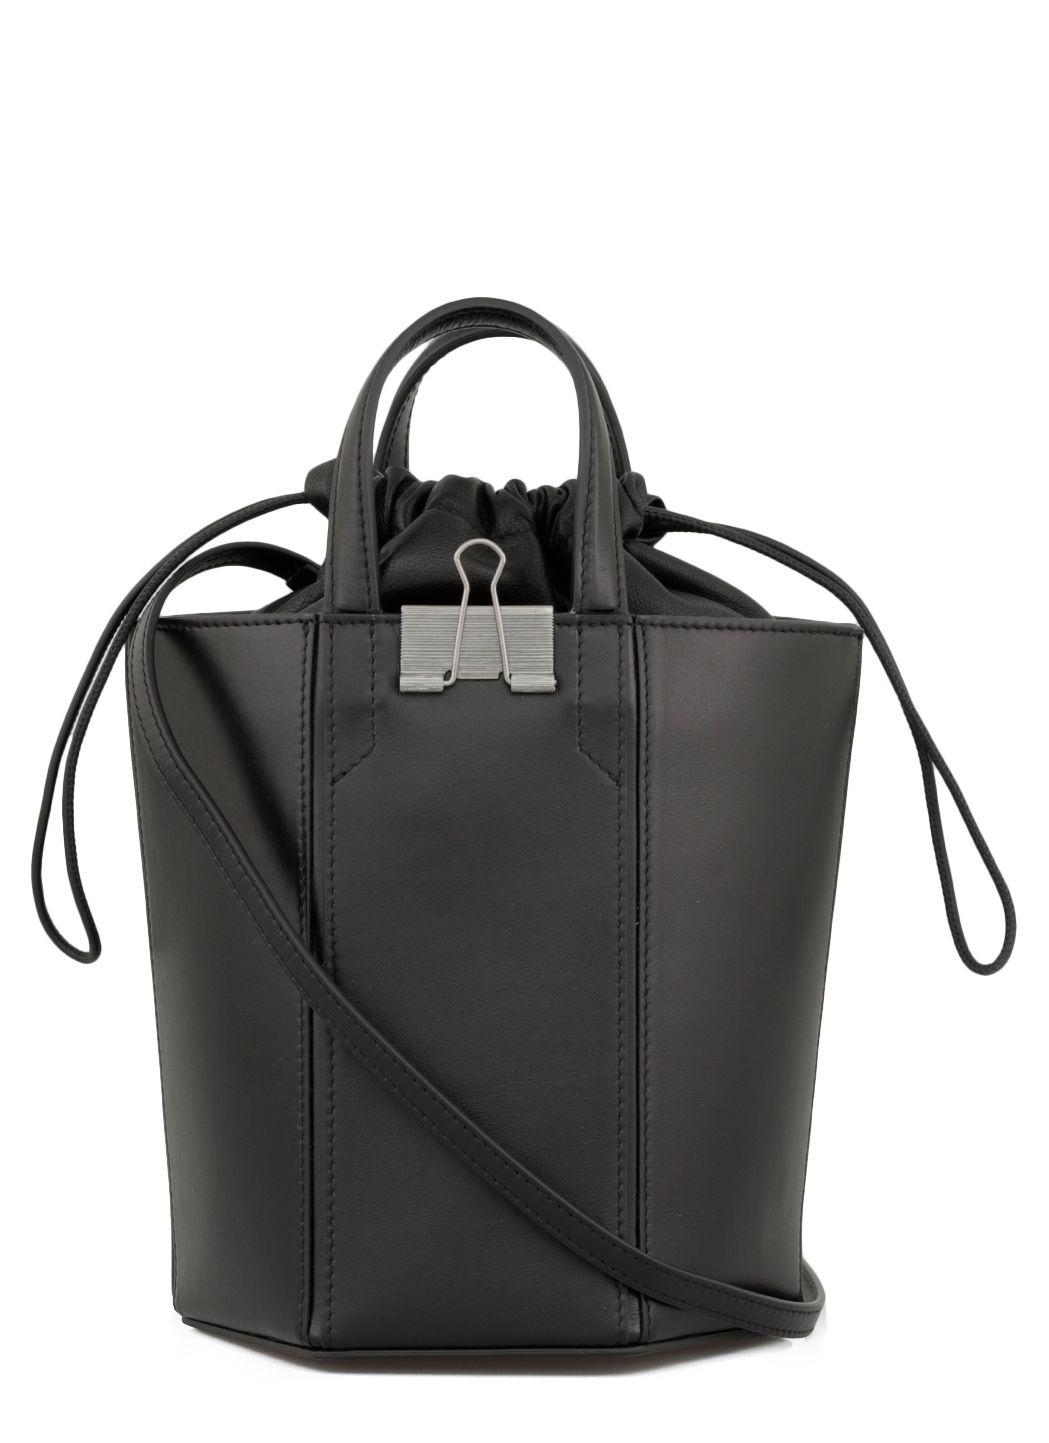 Vintage Allen bucket bag